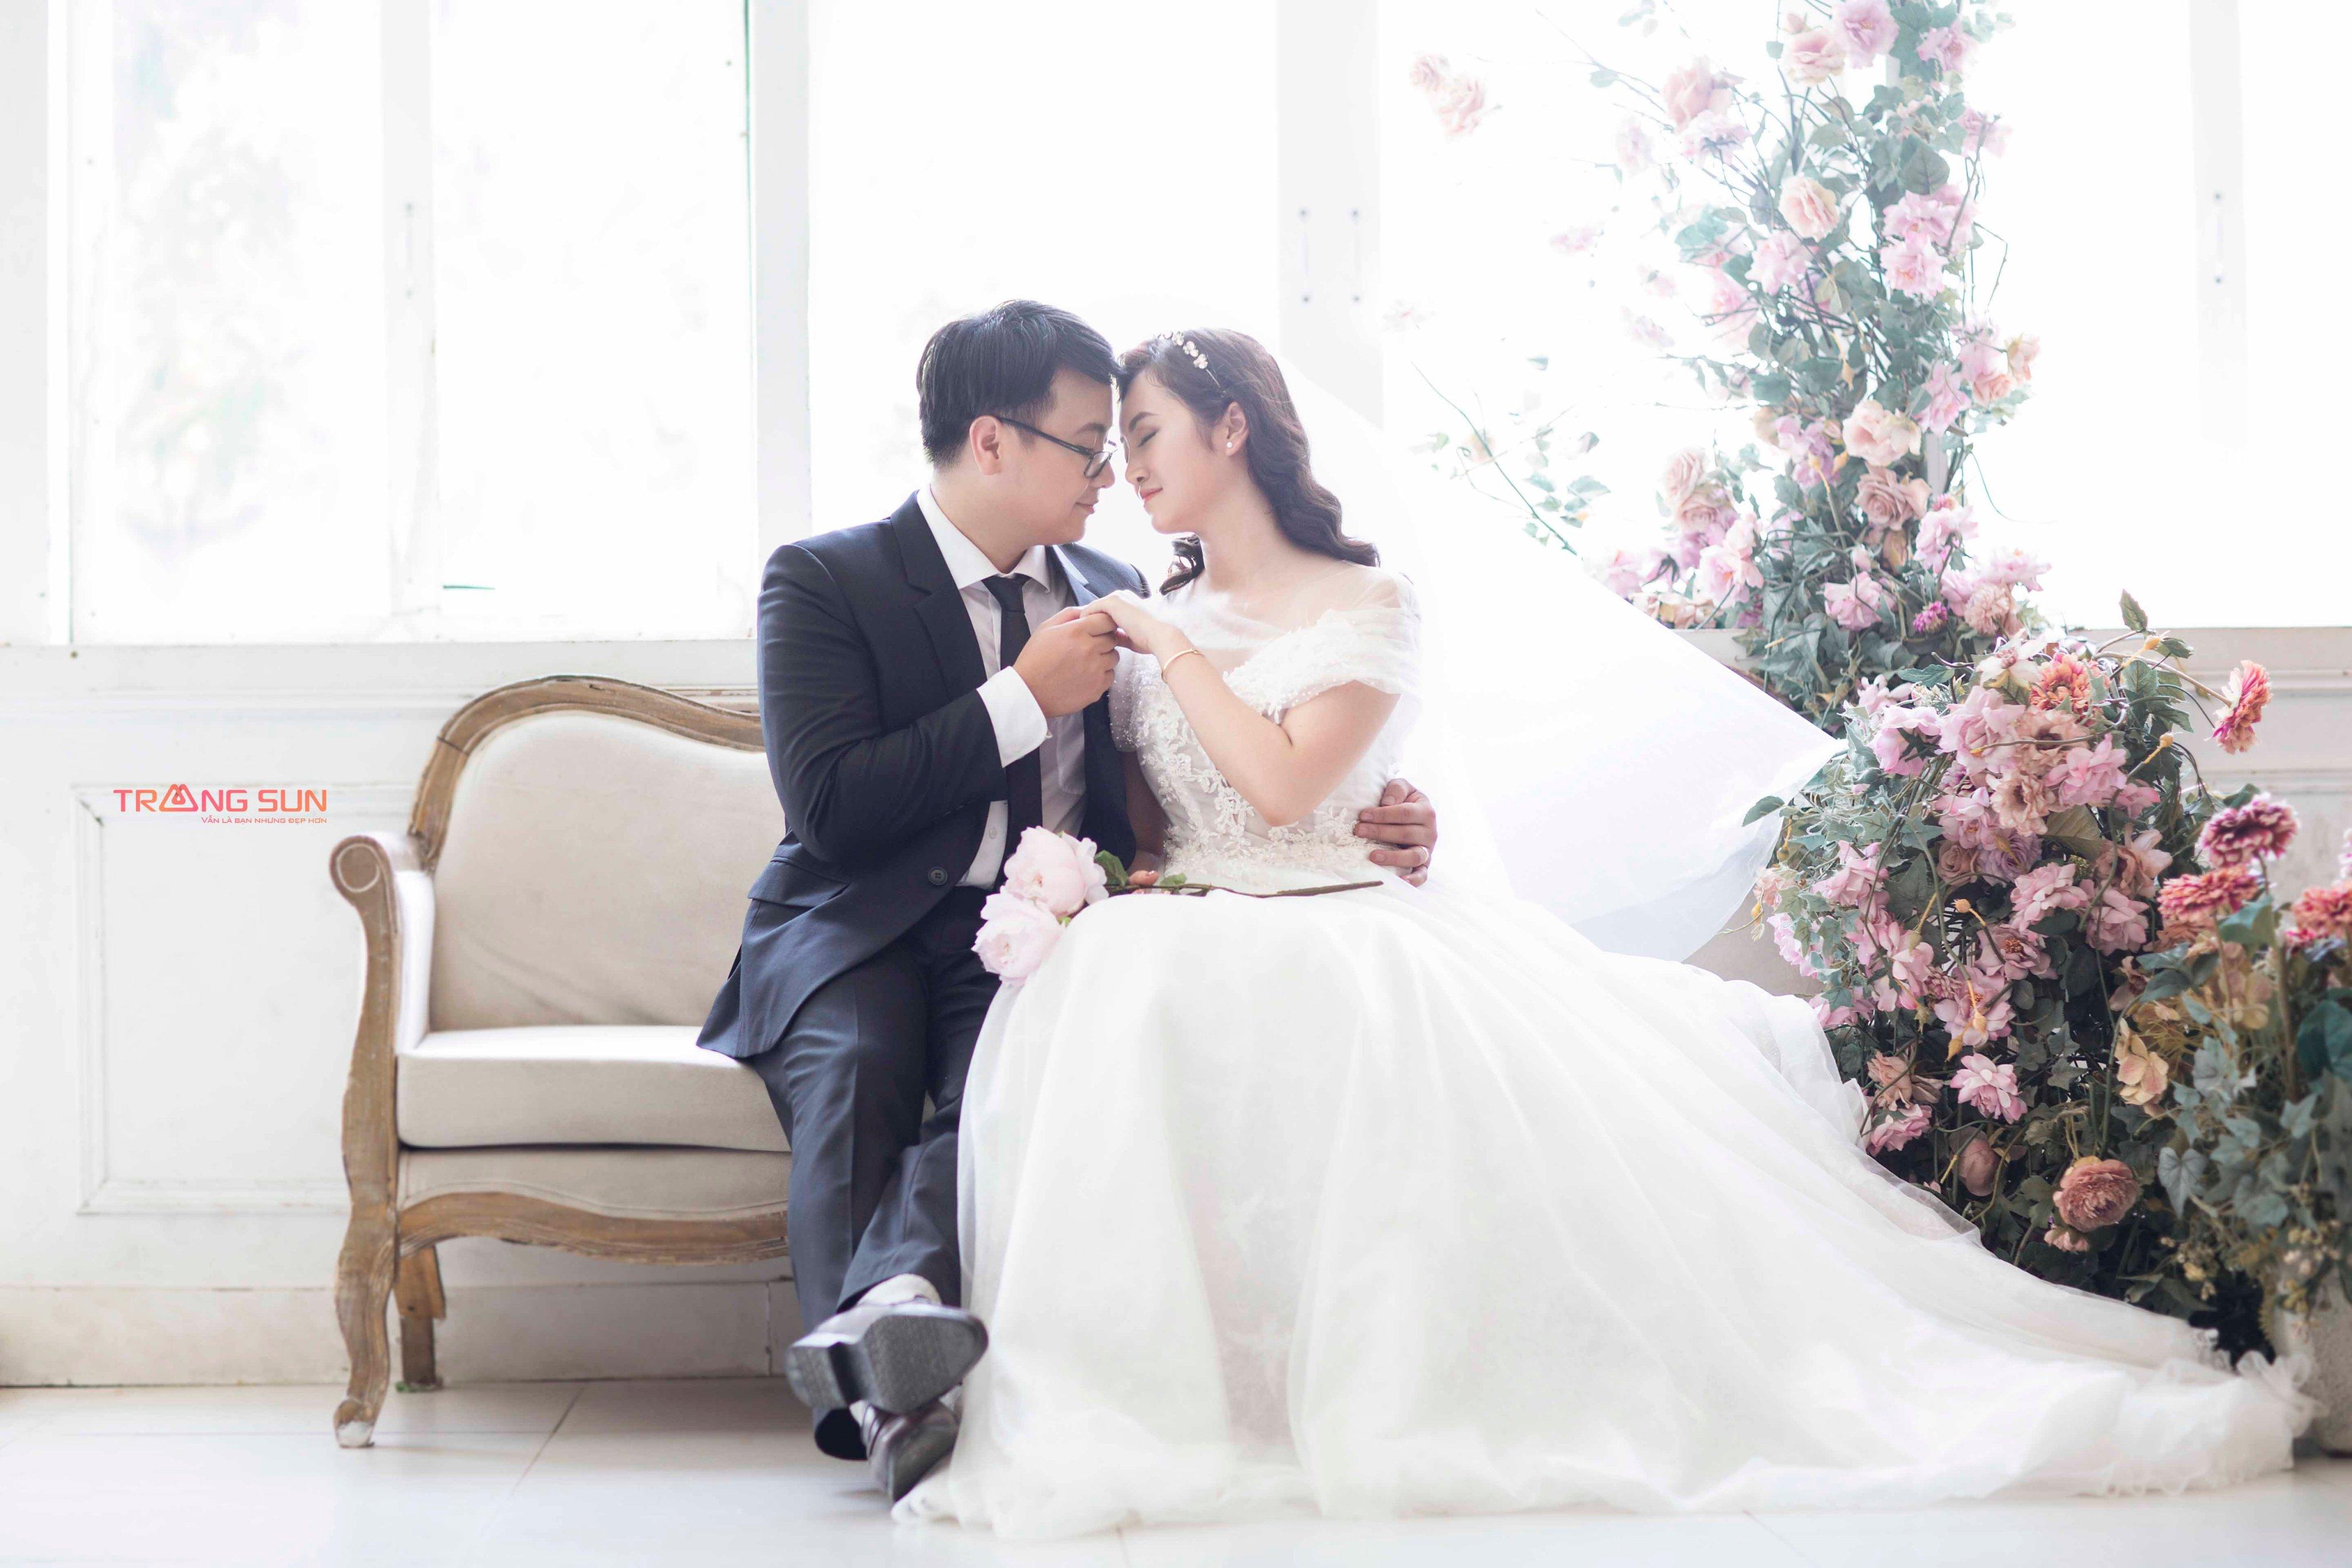 Chụp ảnh cưới ở santorini park Hà Nội